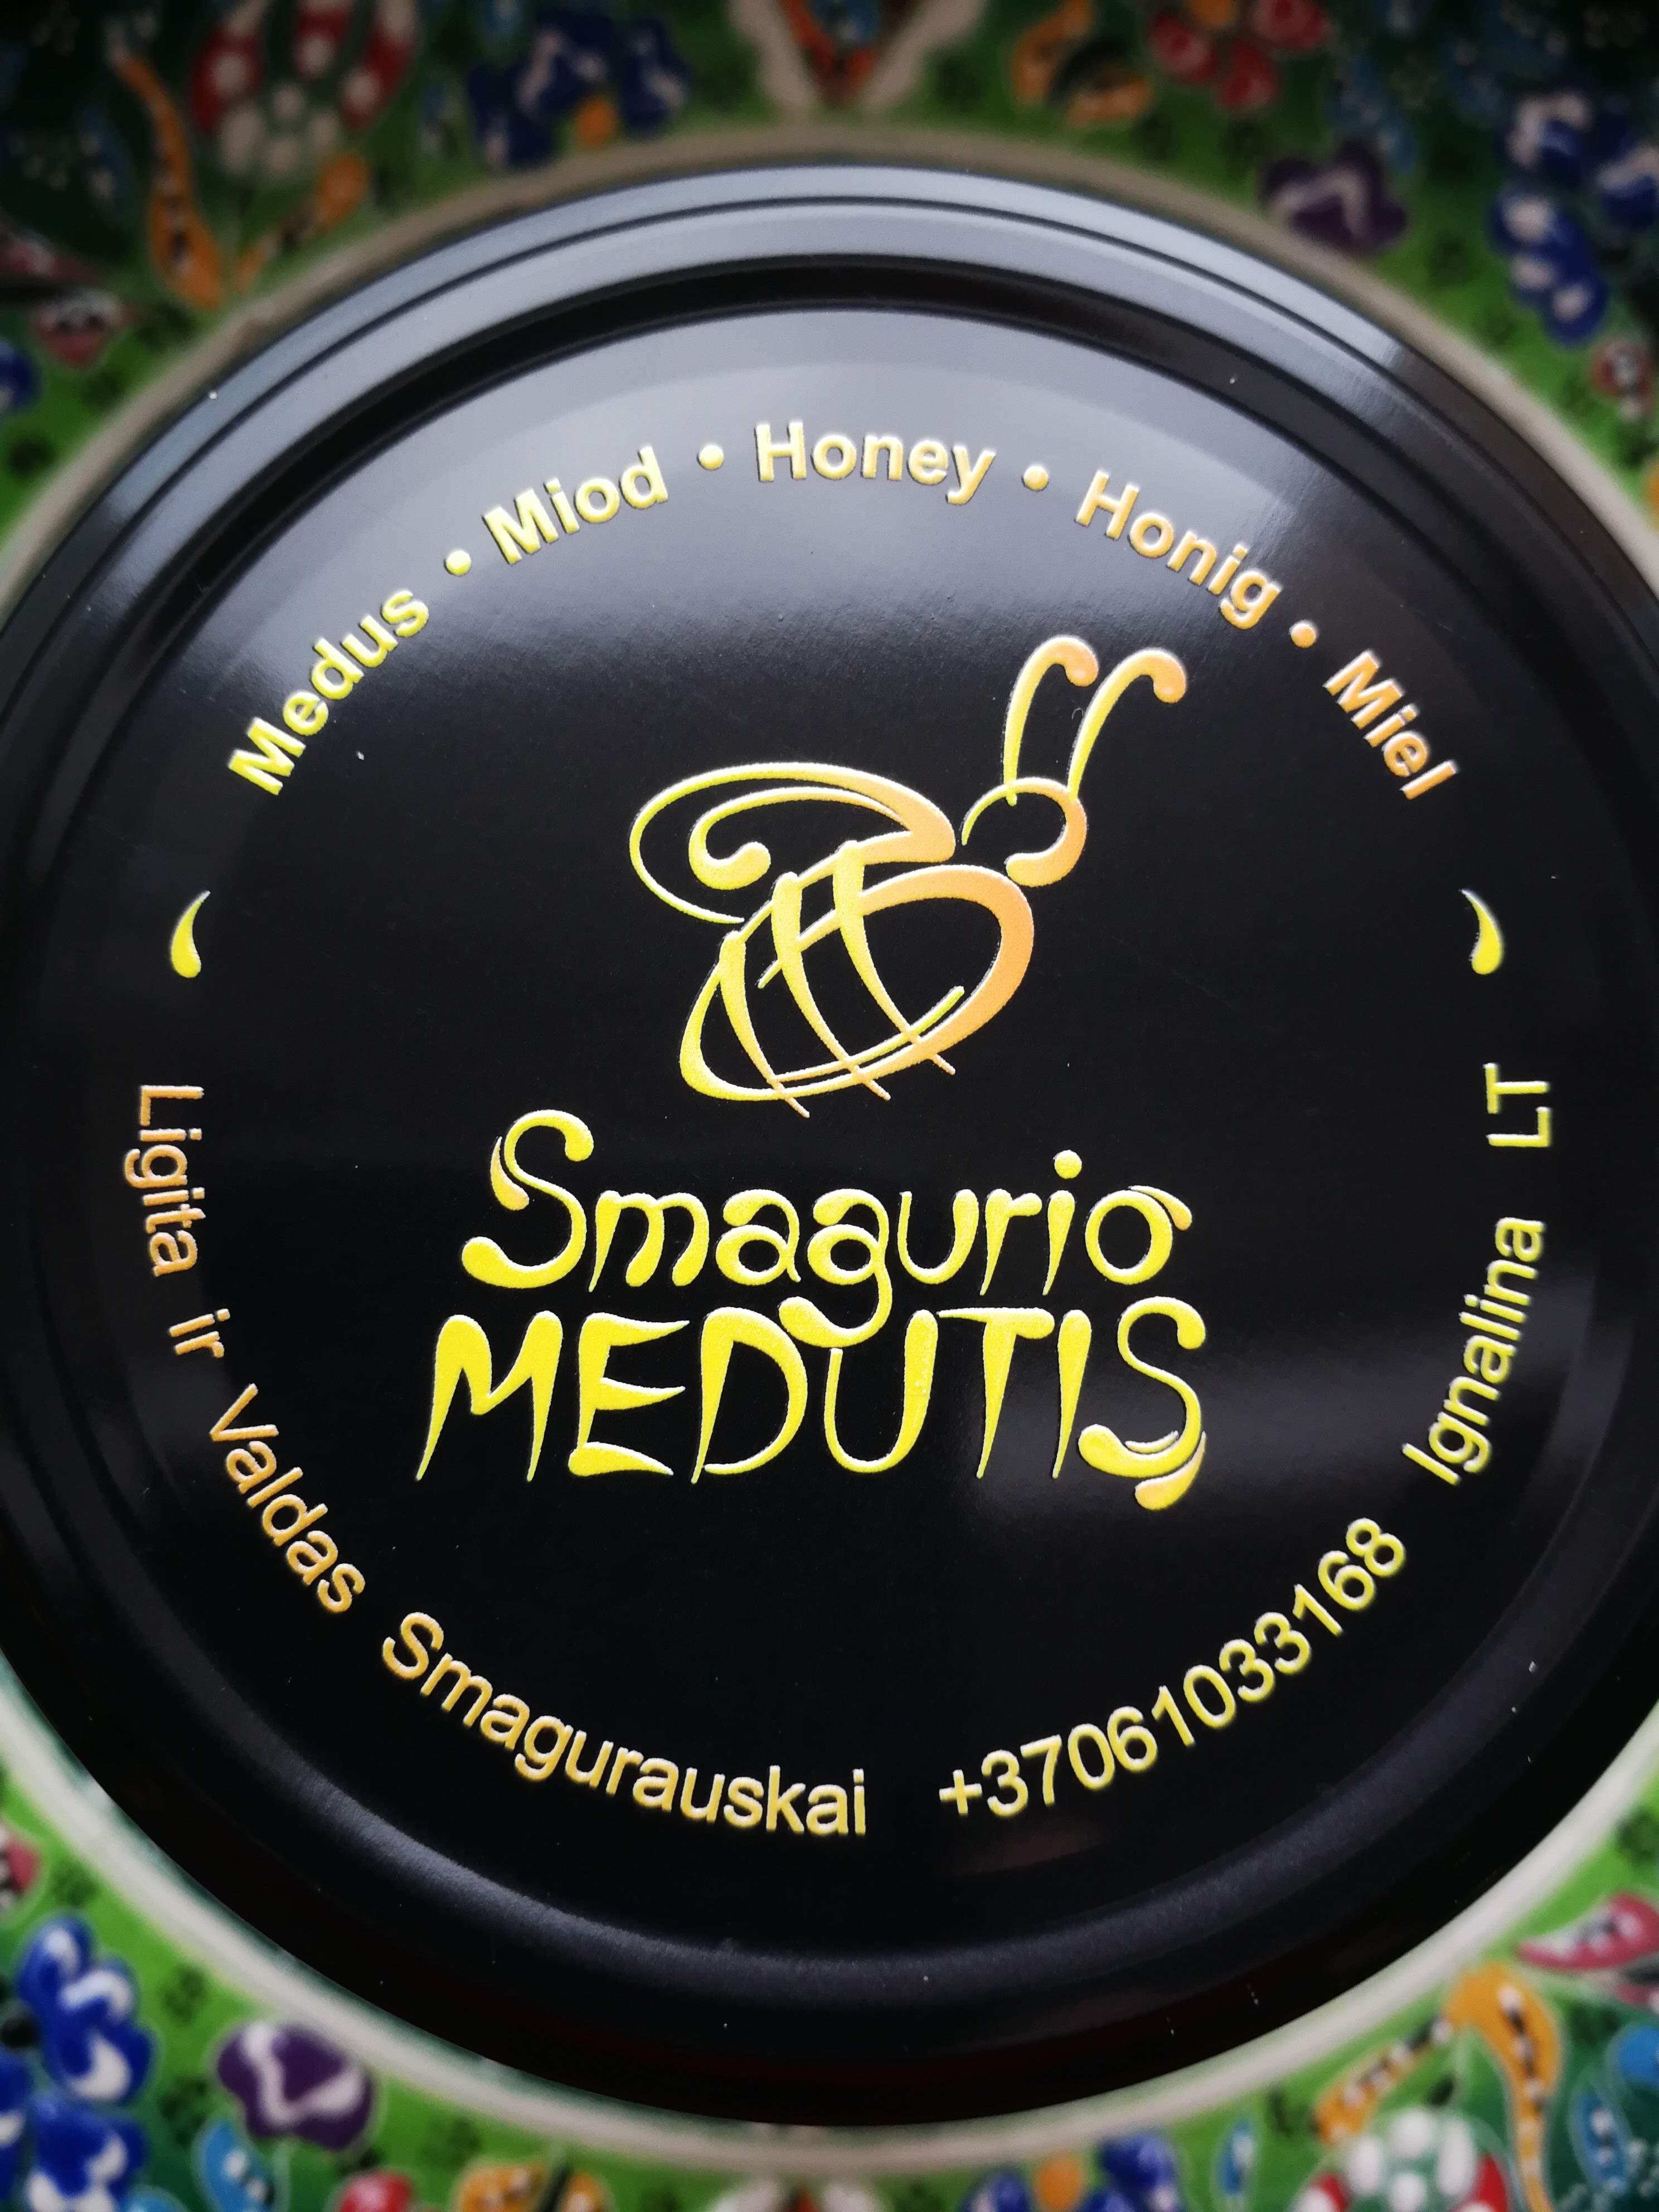 Smagurio medutis, Aukštaitijos nacionalinio parko produktas